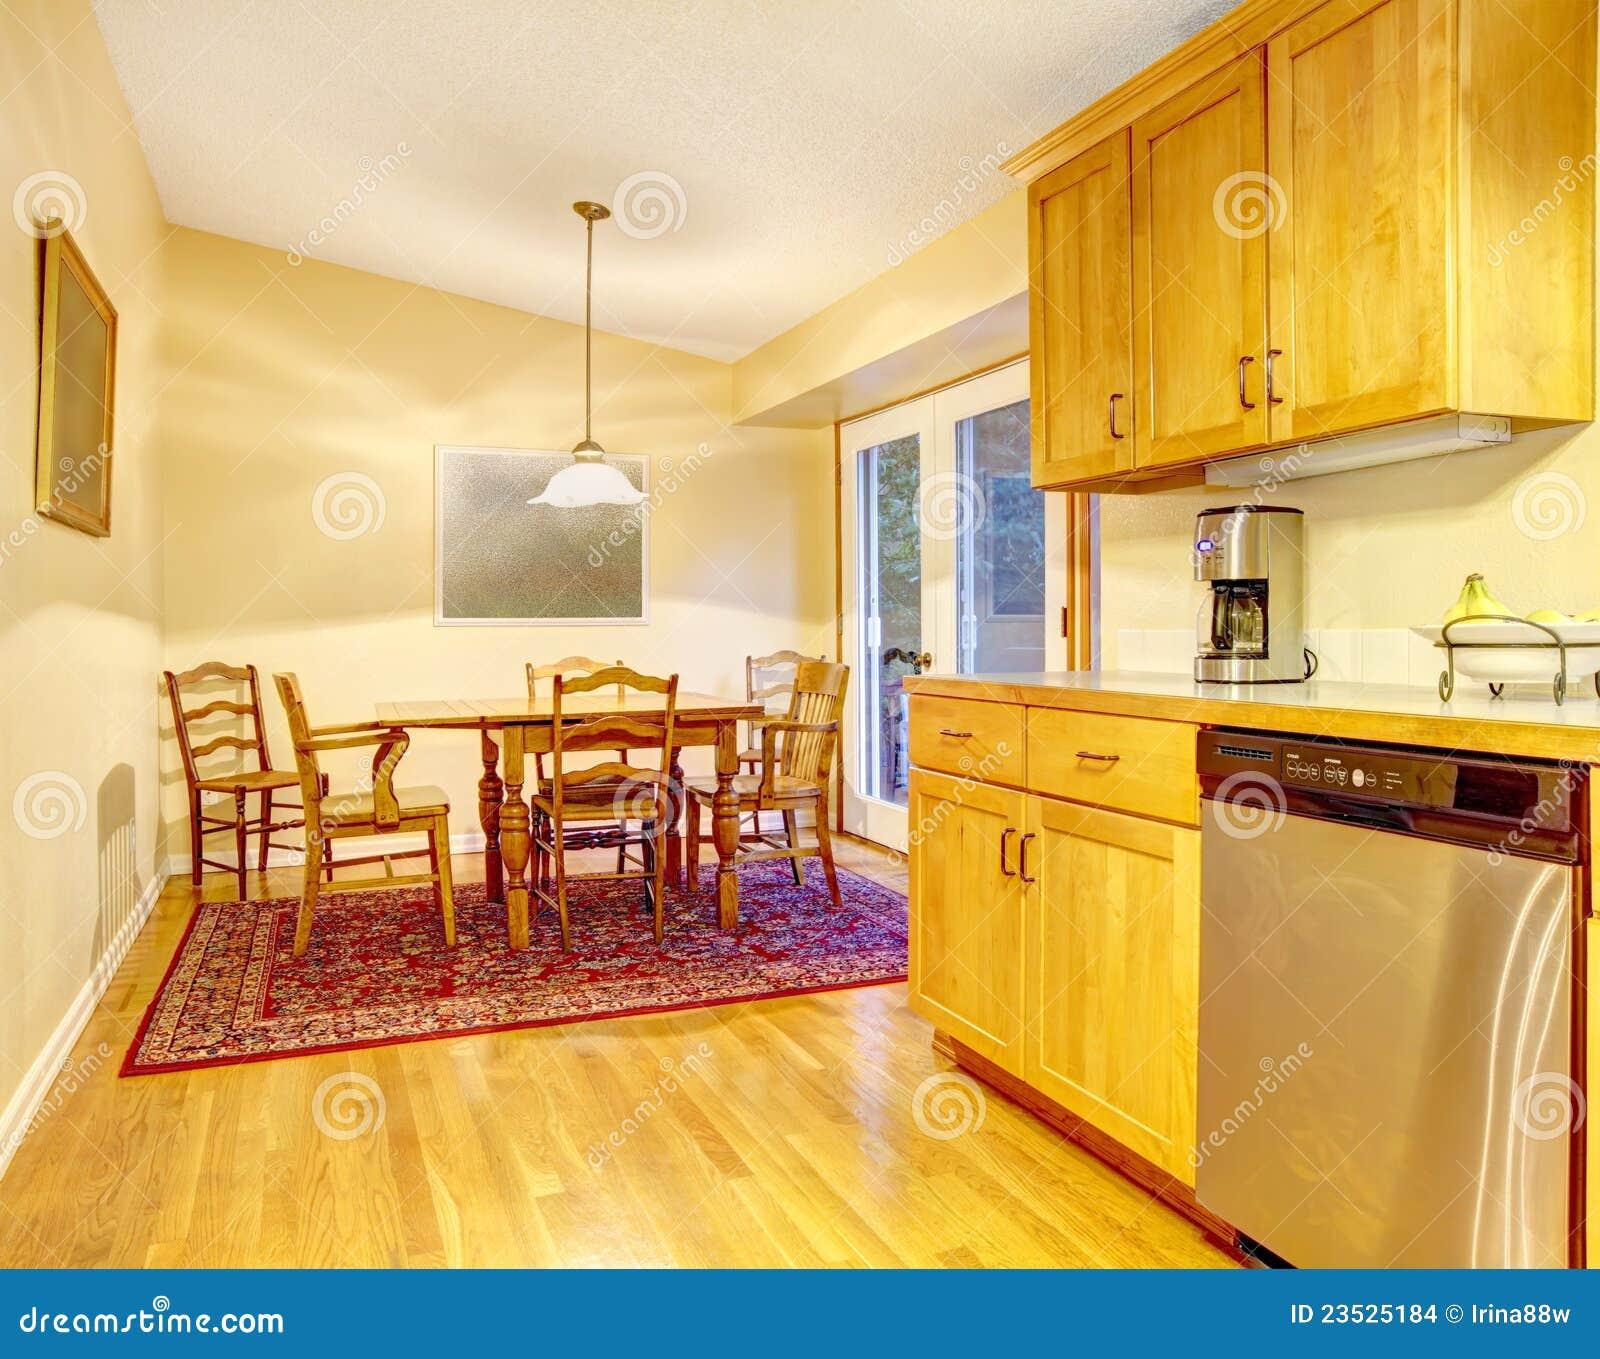 imagens similares de ` Área simples da cozinha e da sala de jantar #BC8C0F 1300 1121